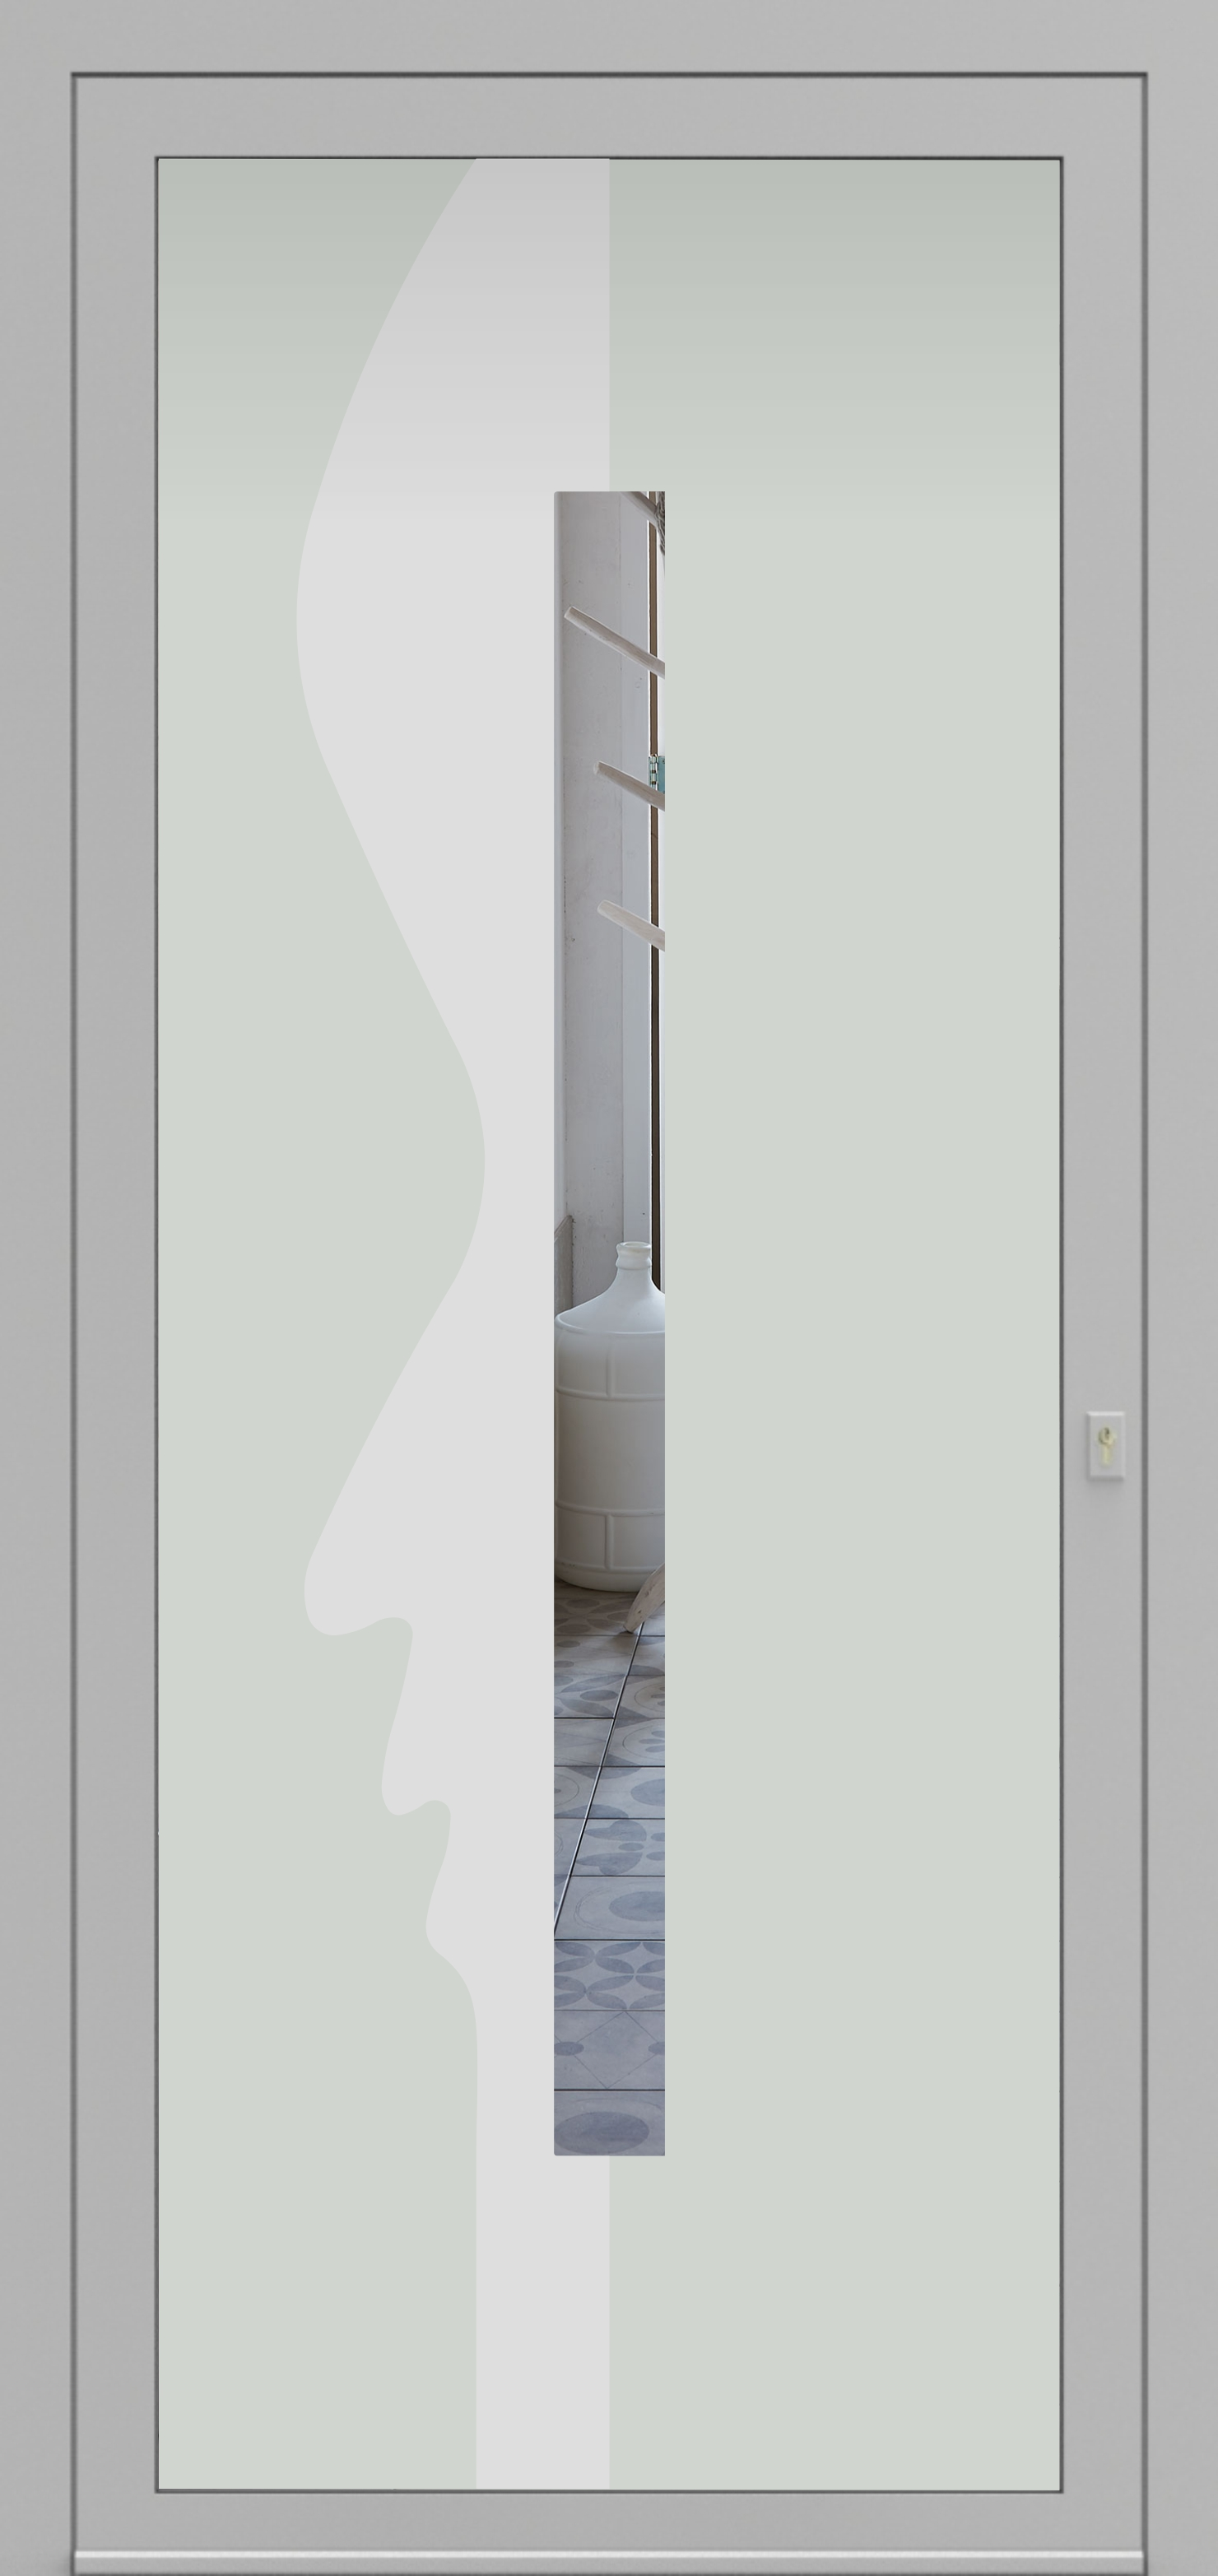 Porte d'entrée DECOVER 3/09 de la gamme Decover posée par les établissements CELEREAU à Roncq